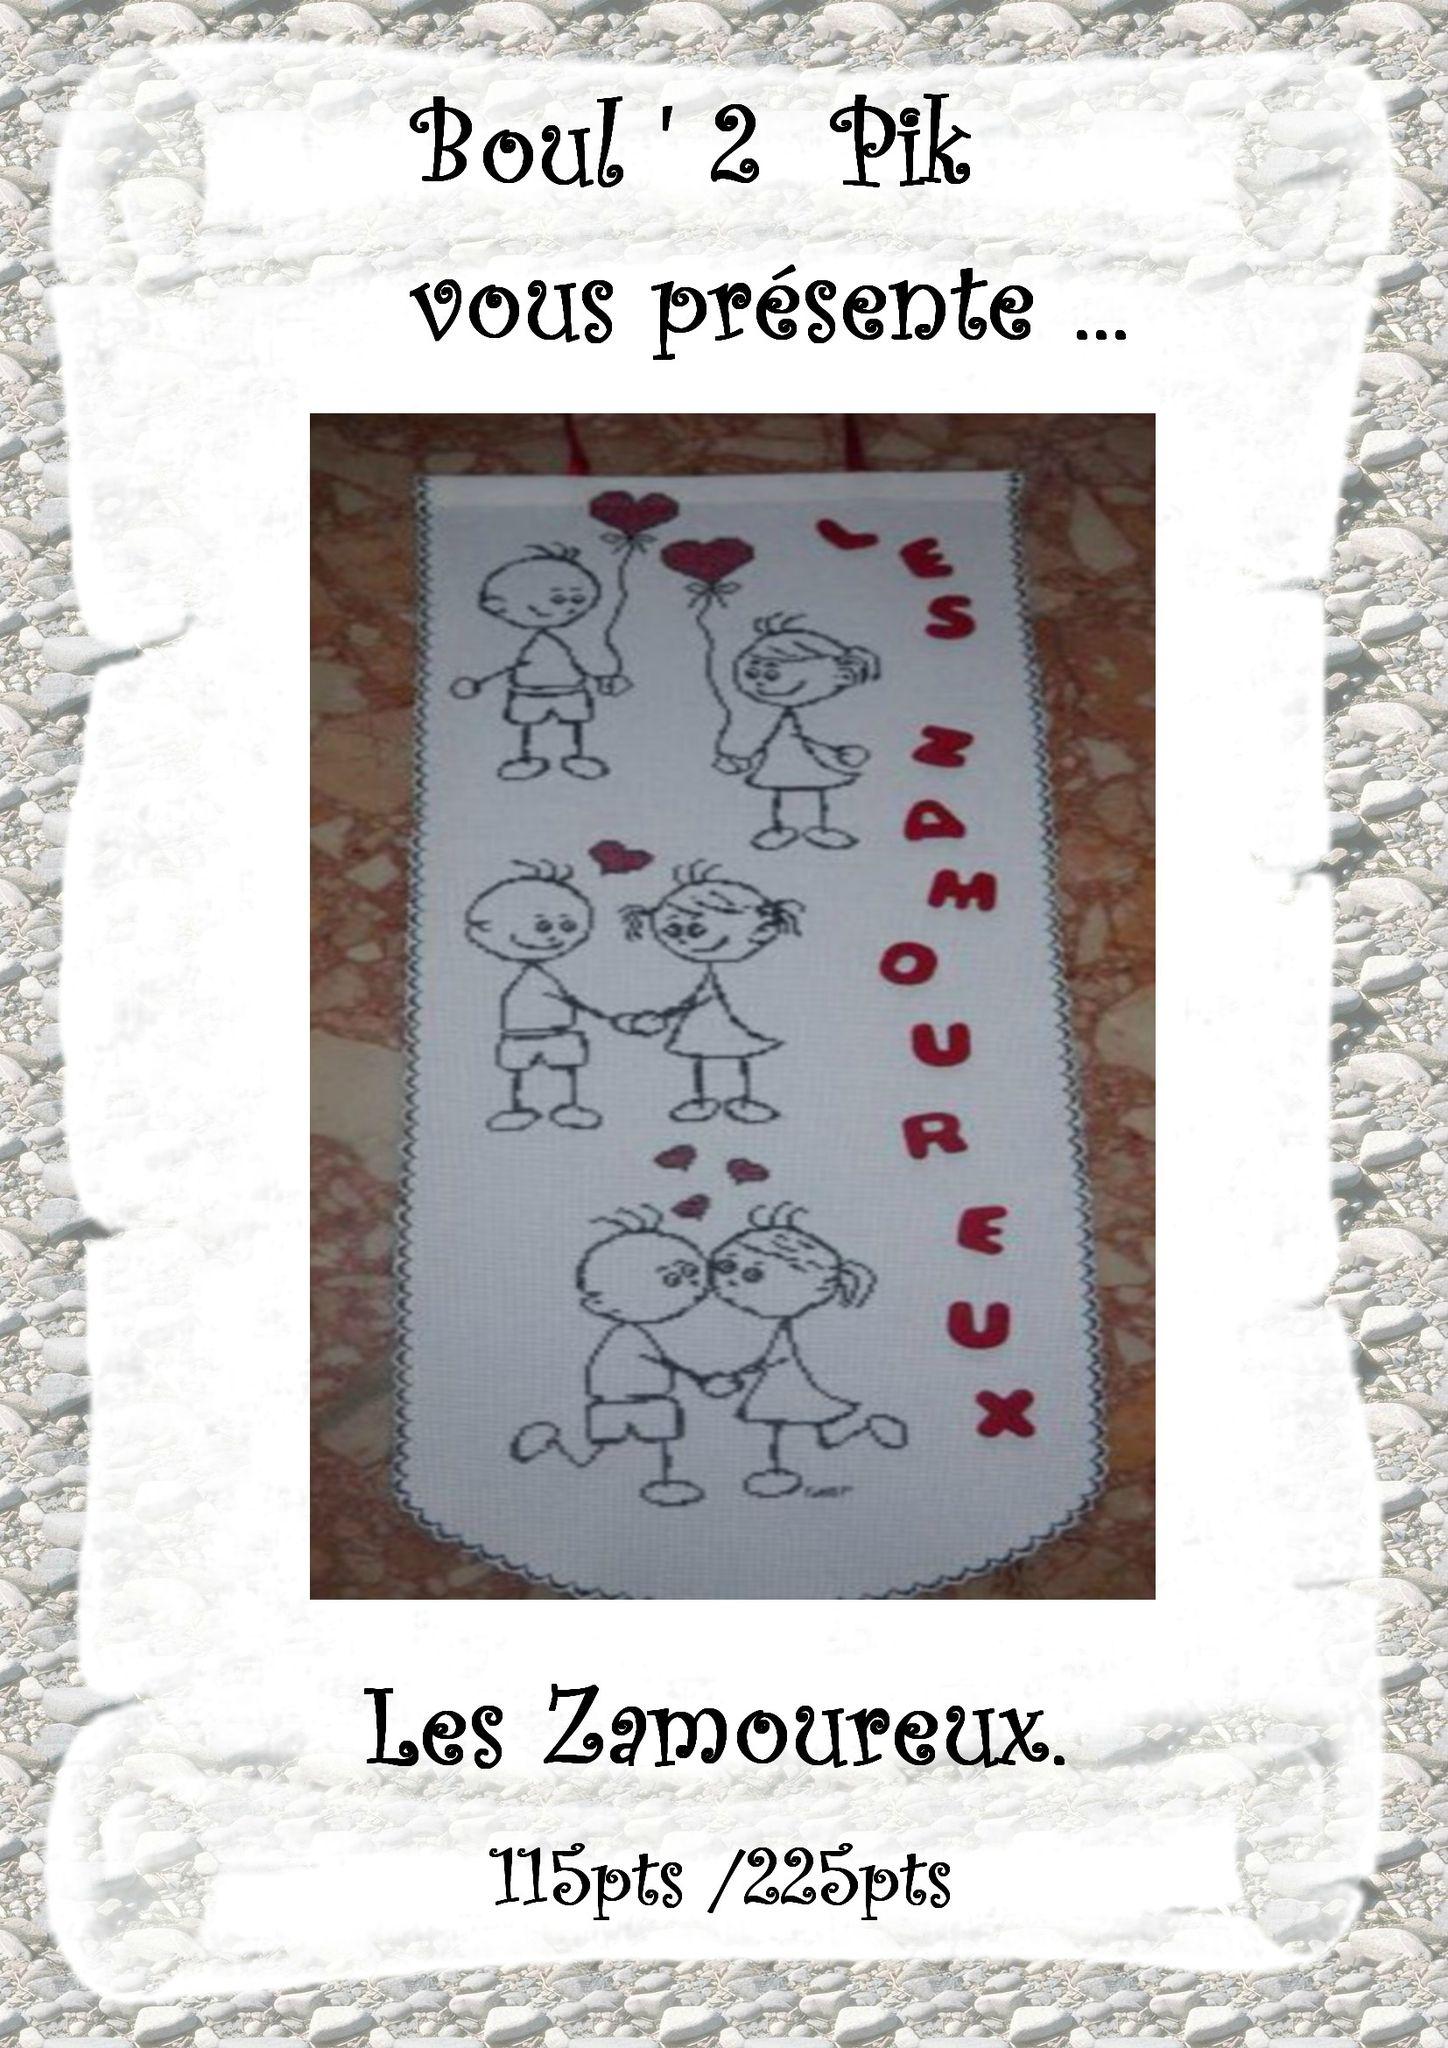 Les Zamoureux